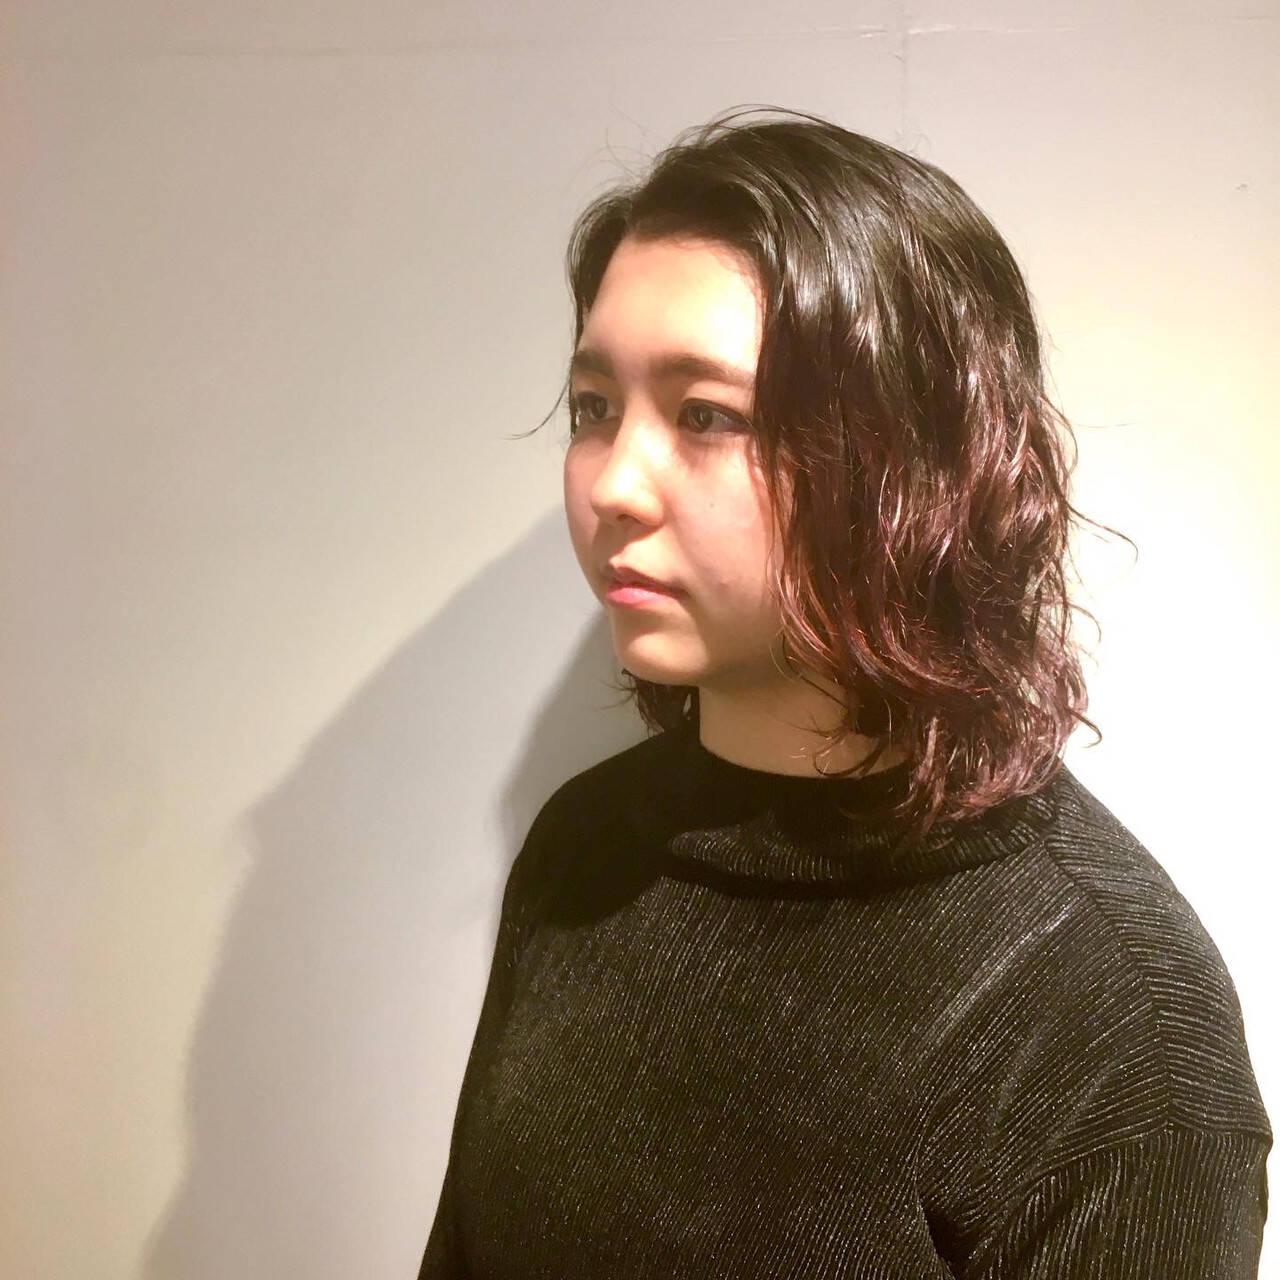 ミディアム 外国人風 外国人風パーマ チェリーレッドヘアスタイルや髪型の写真・画像